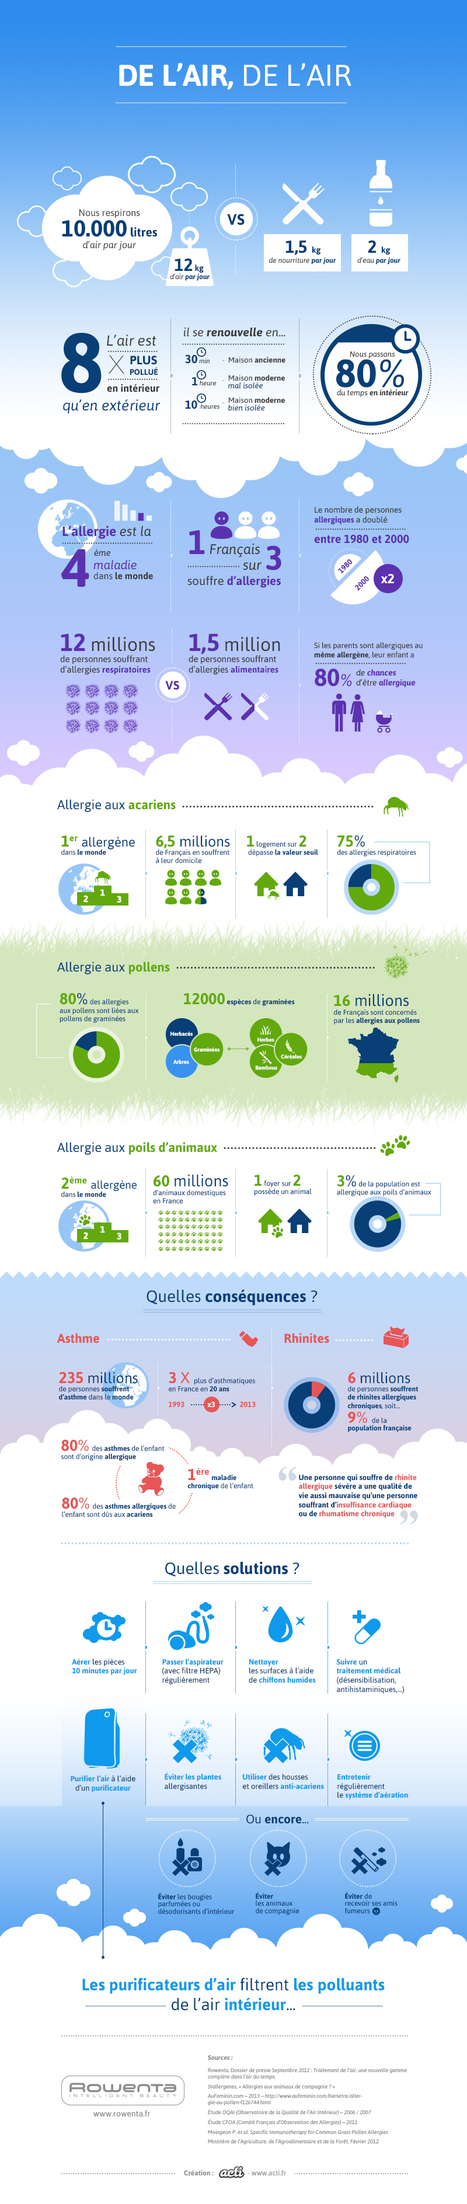 On respire 12kg d'air par jour !! Et l'air intérieur est 8 fois plus pollué que l'extérieur... super infographie. | Santé et Médias Sociaux | Scoop.it